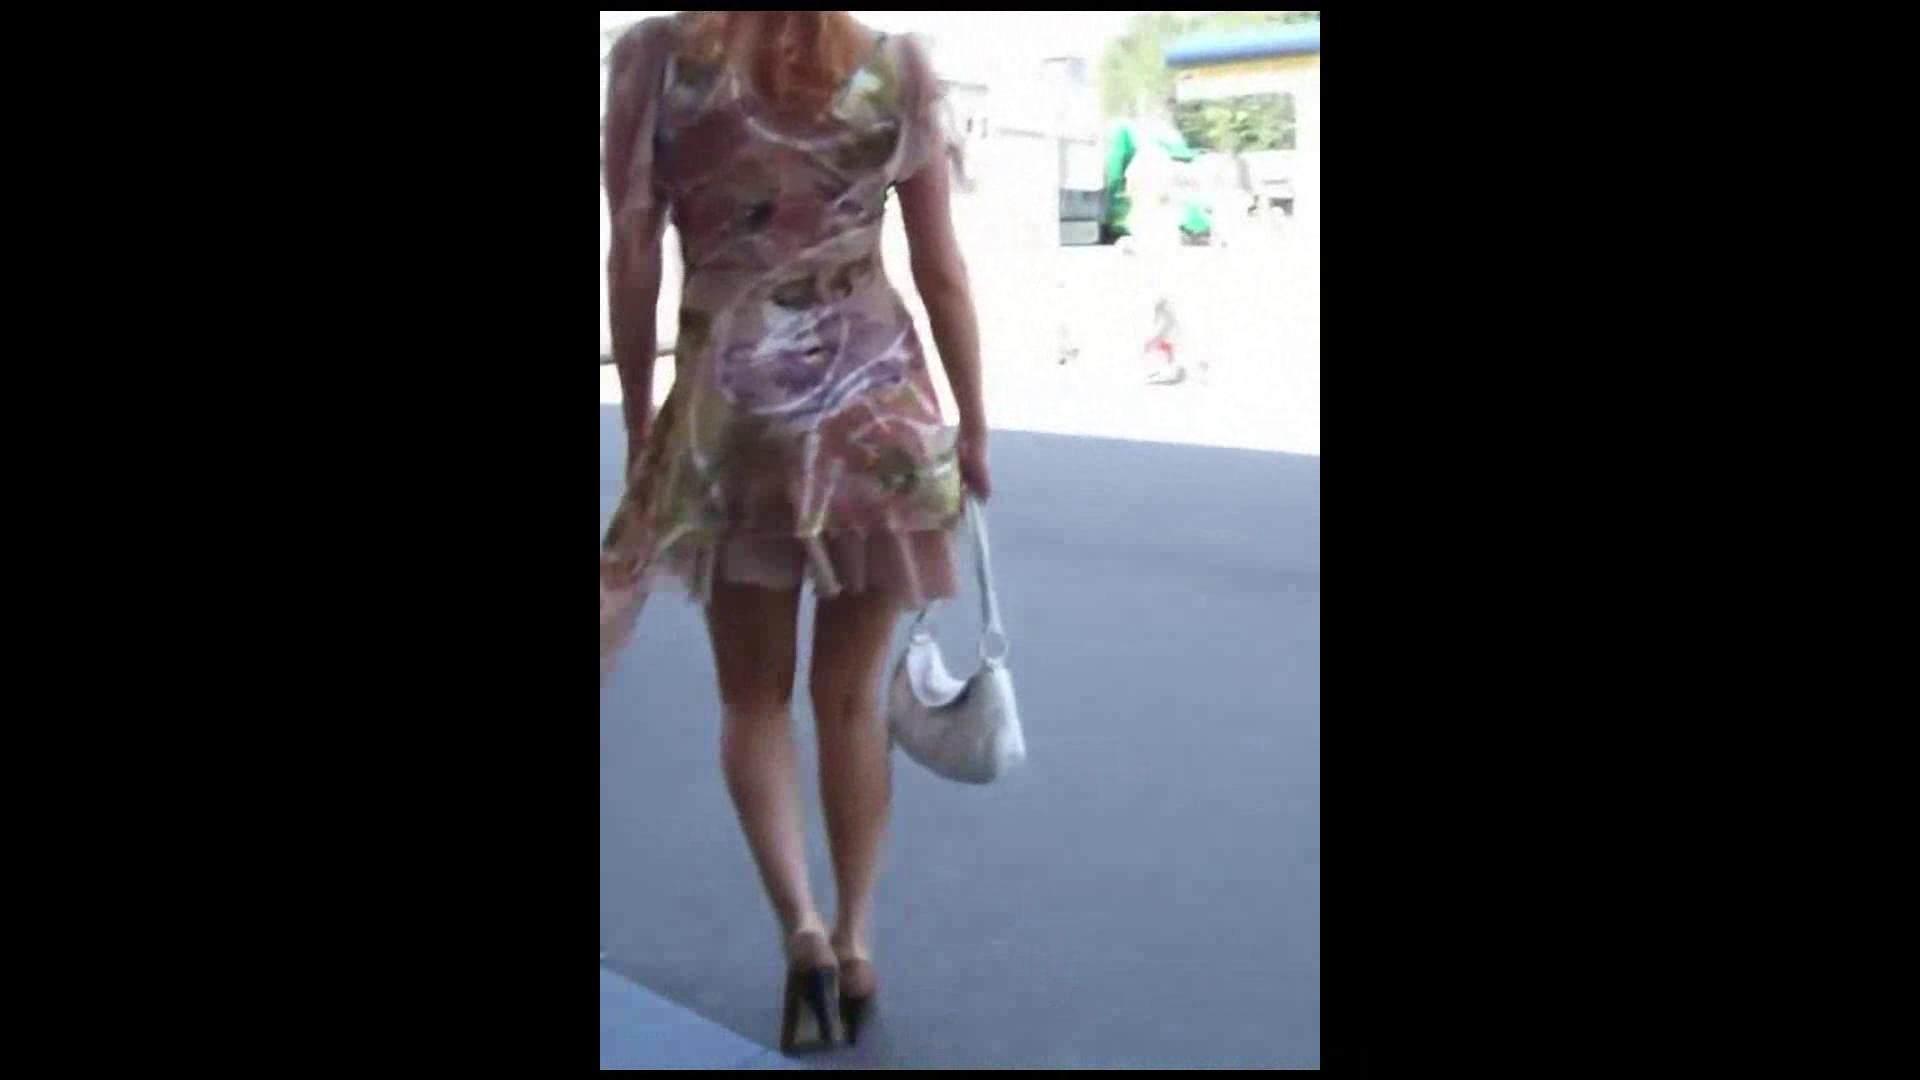 綺麗なモデルさんのスカート捲っちゃおう‼vol03 お姉さんのエロ動画 | 0  101PIX 61